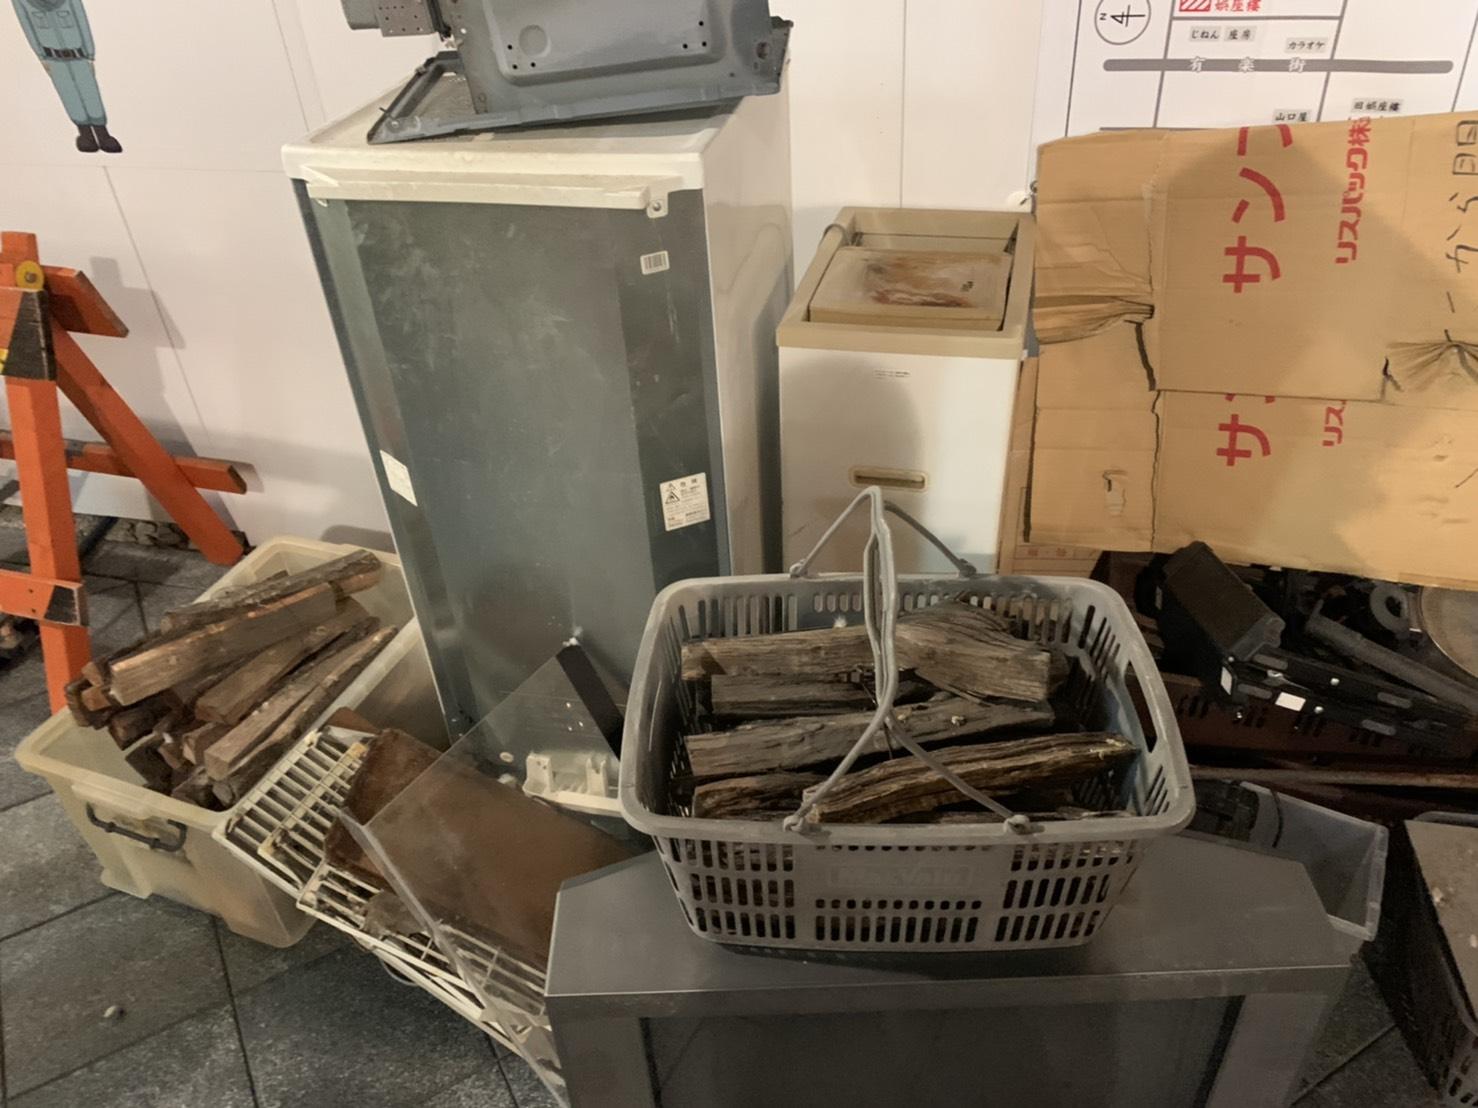 冷蔵庫、テレビ、廃材などの不用品の回収前